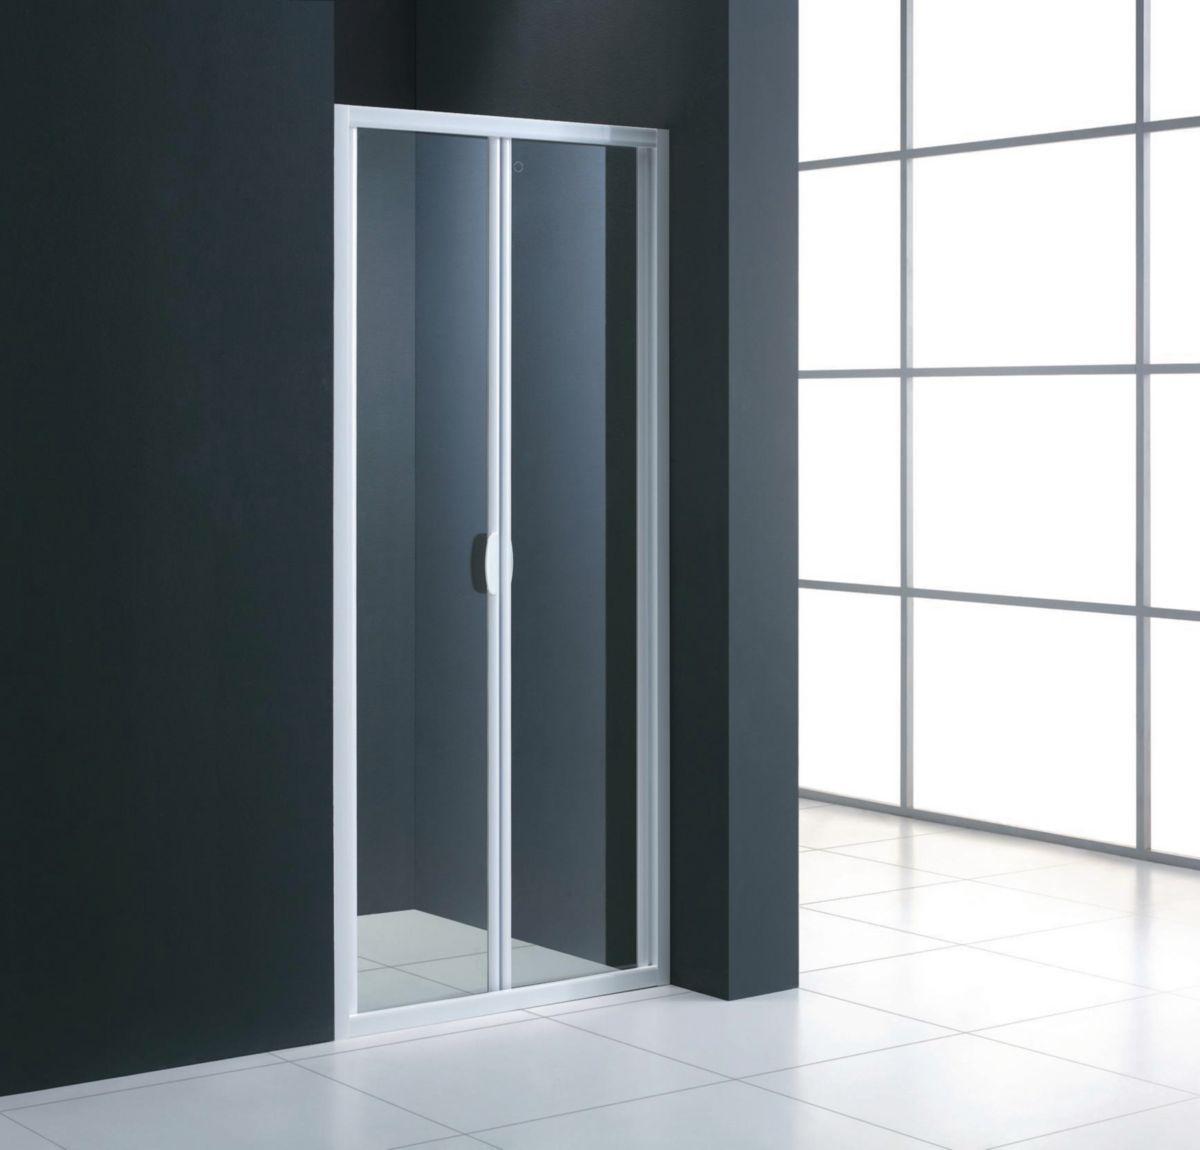 Accès Face MEZZO Porte Pliante Extensible De 85 à 89 Cm Verre Transparent -  ALTERNA - Sanitaire -CEDEO